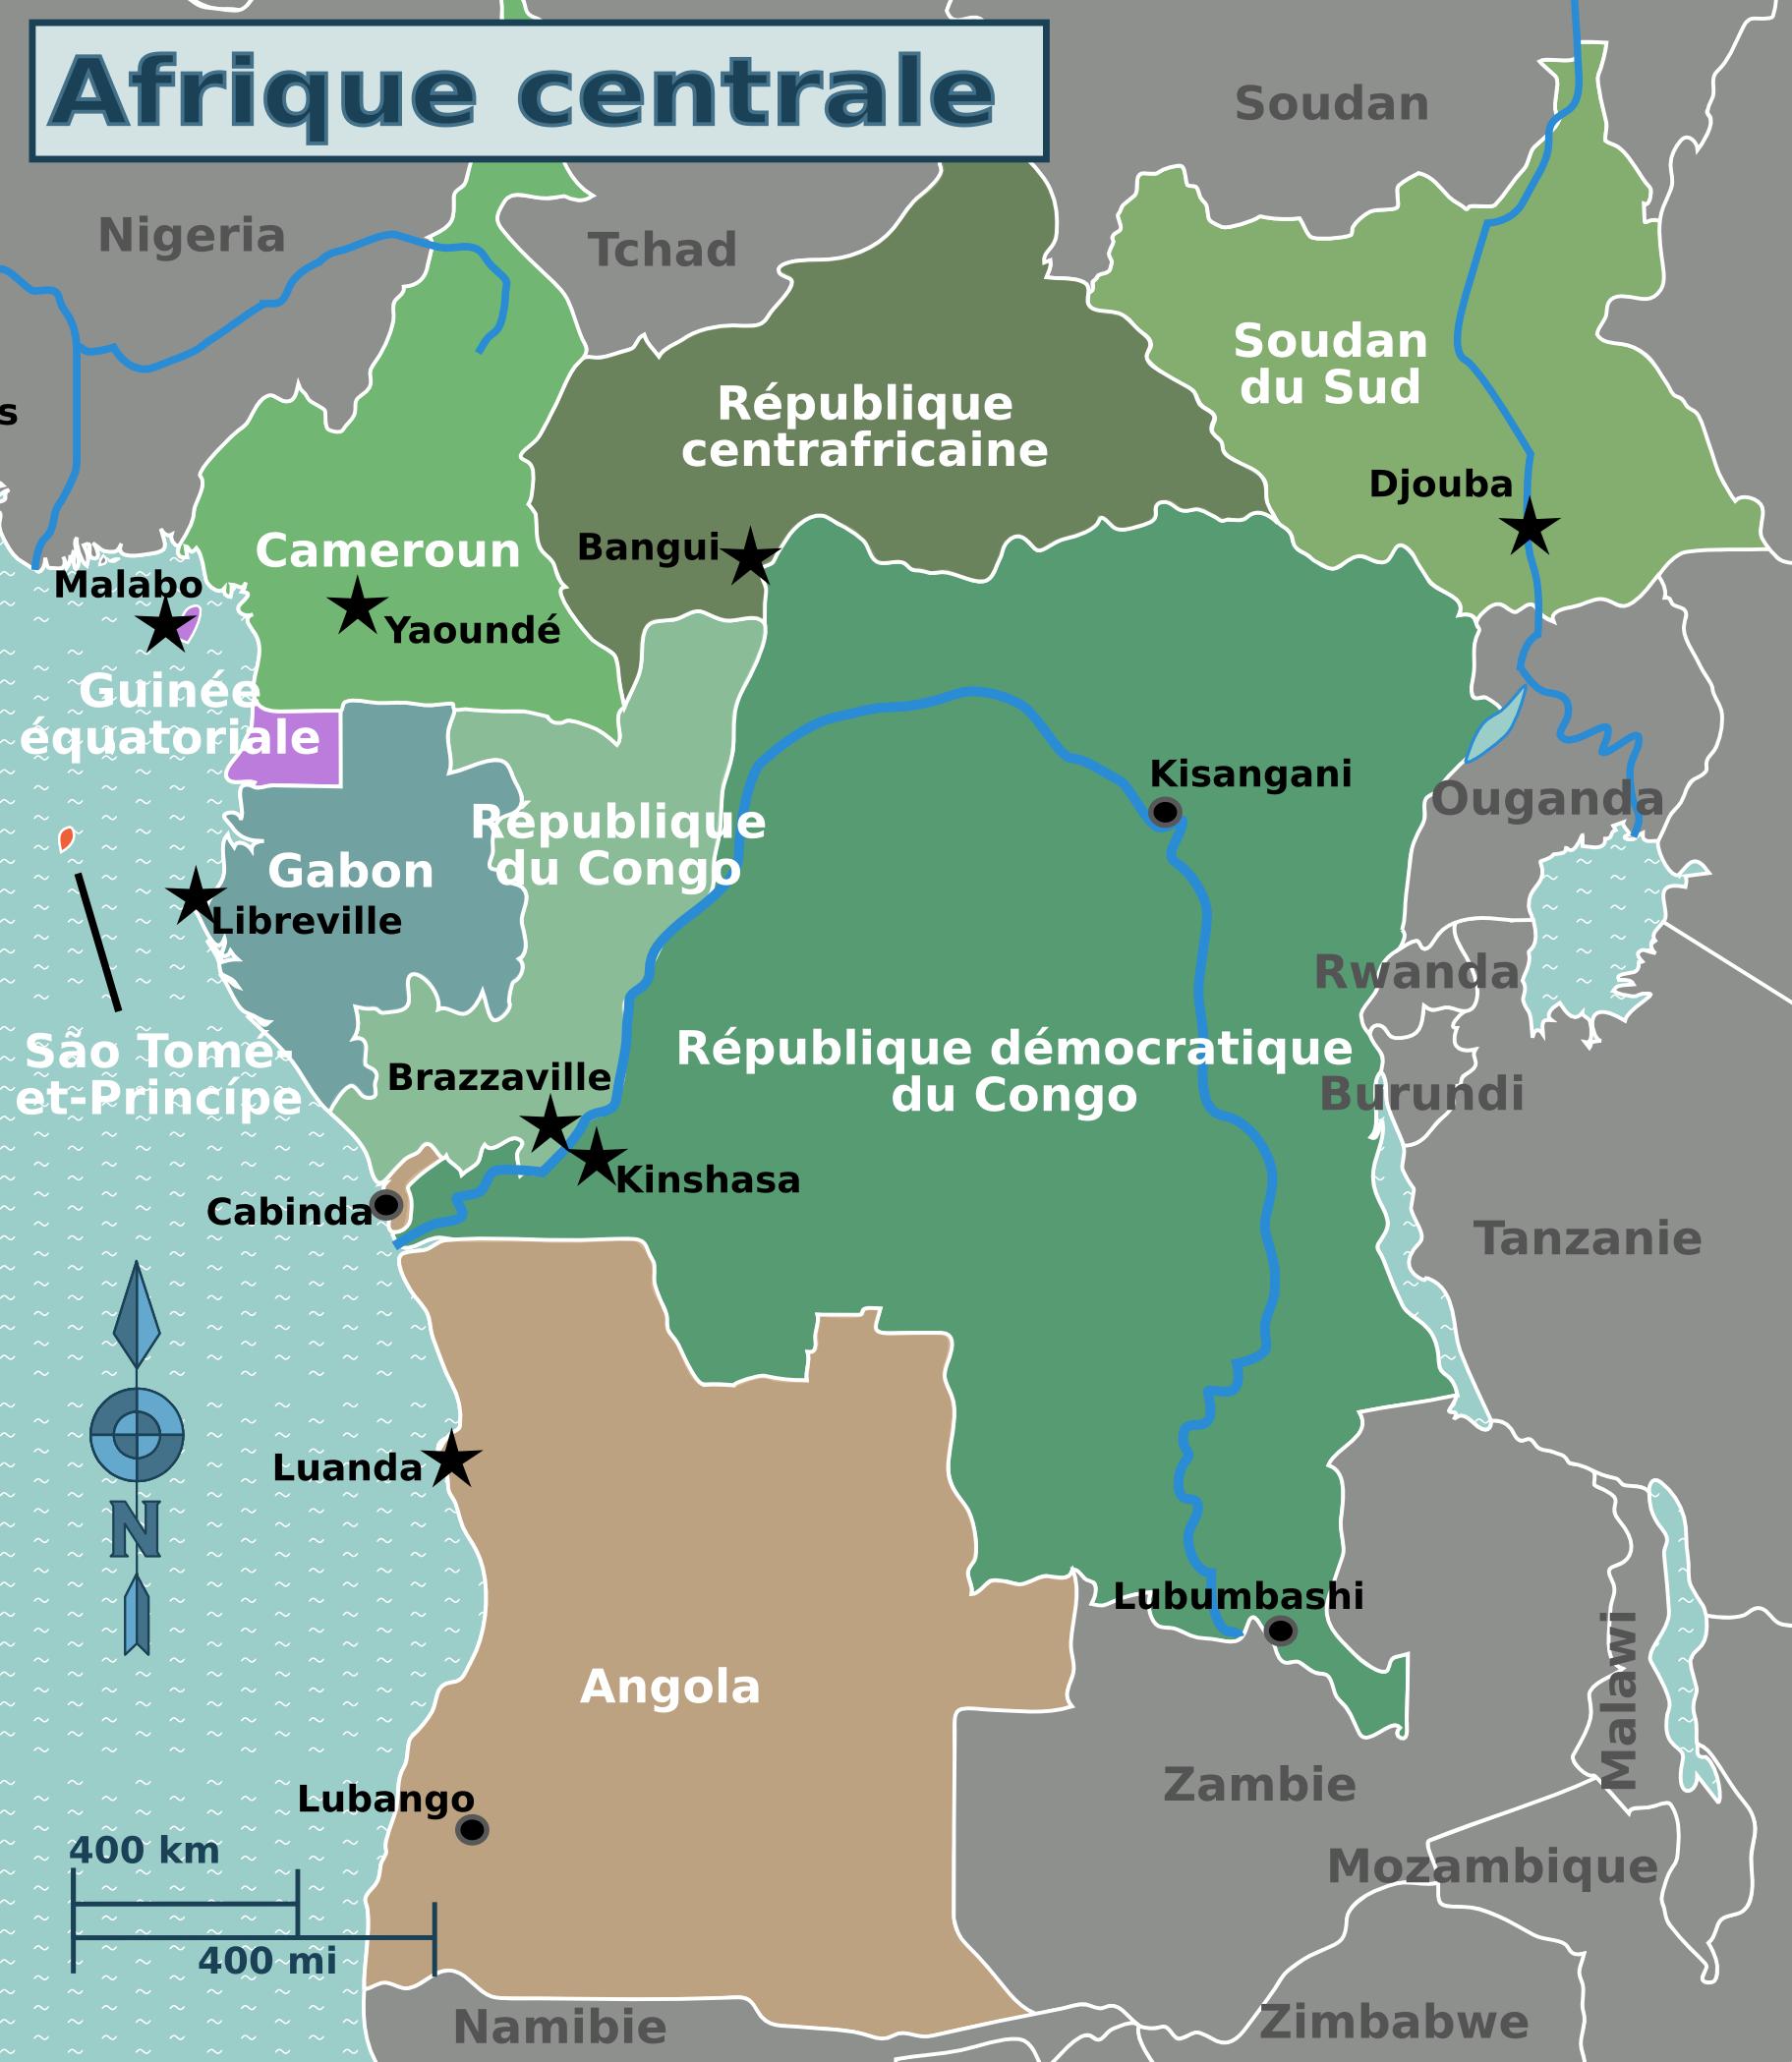 afrique centrale classement PIB